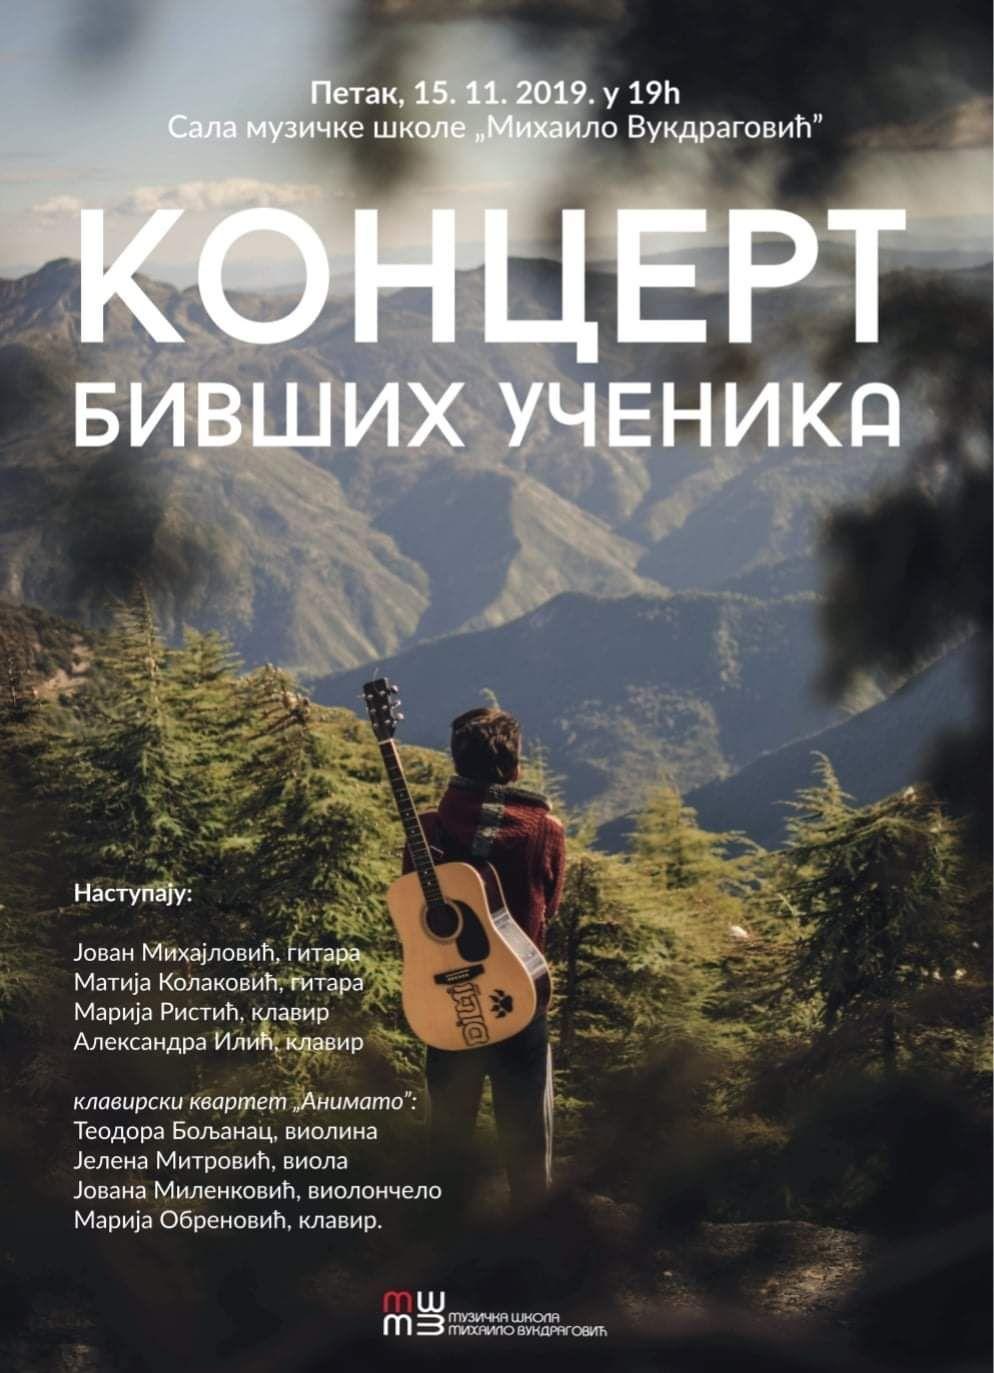 Концерт бивших ученика